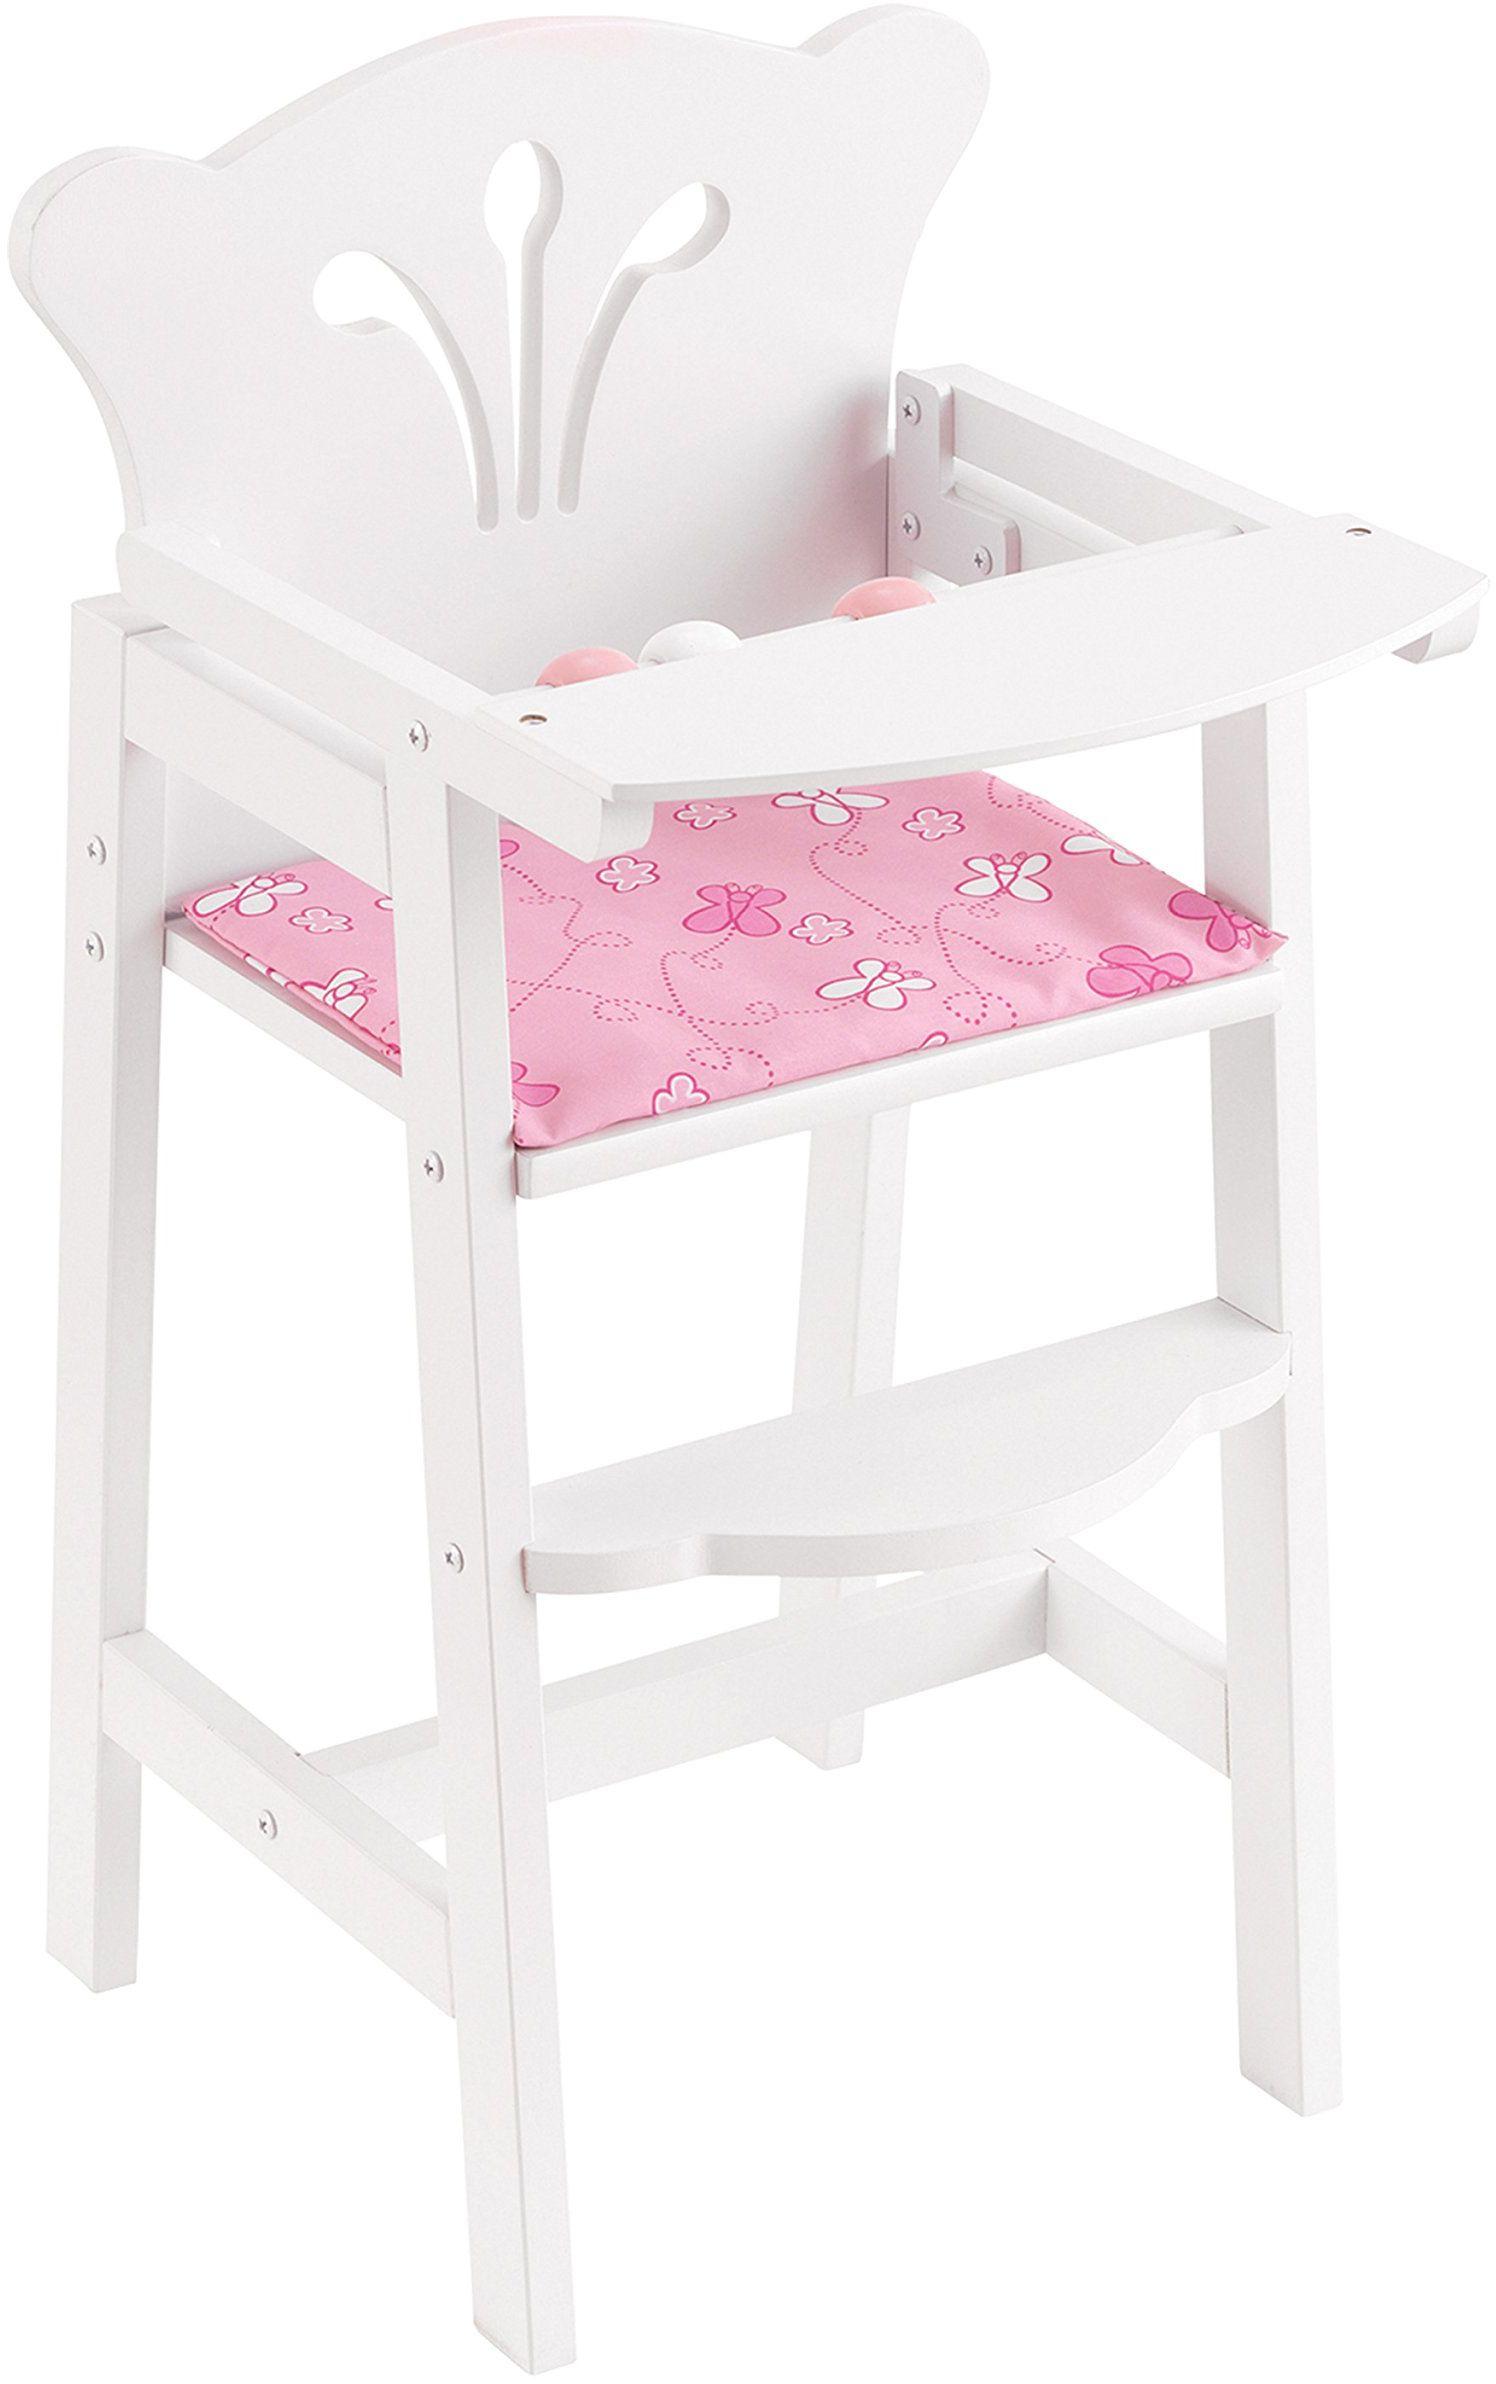 KidKraft 61101 małe krzesełko dla lalek Lil'' Doll 61101 - wysokie krzesełko dla lalek liliowe, białe, rozmiar uniwersalny